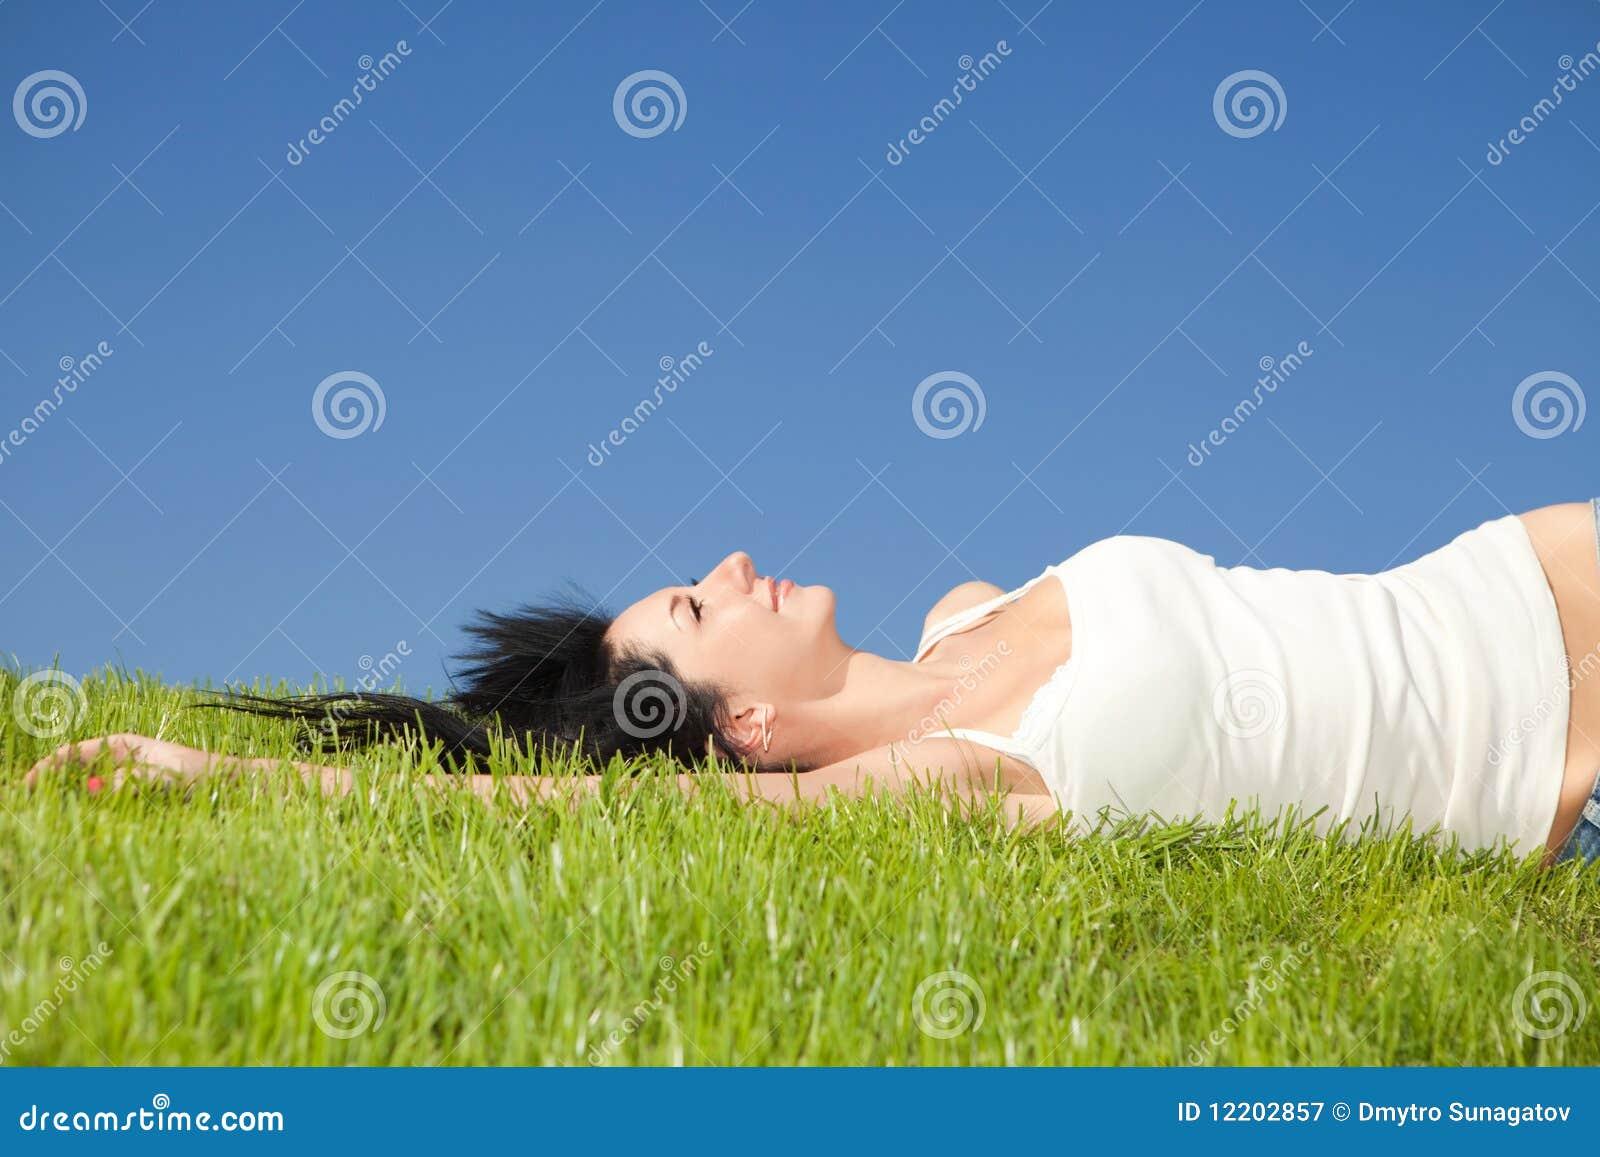 Glücklicher Frauenrest auf dem grünen Gras